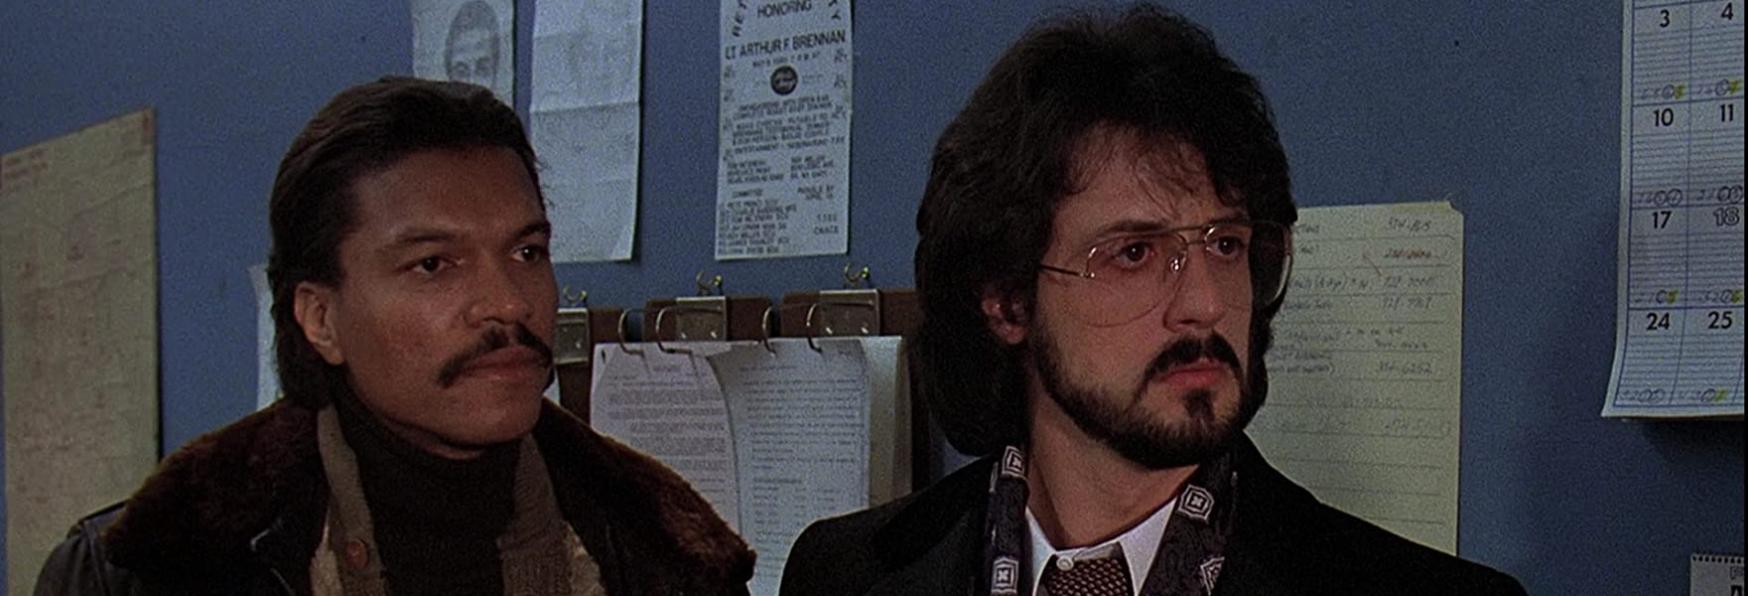 I Falchi della Notte (Nighthawks) sarà una Serie TV. Ad annunciarlo è Sylvester Stallone